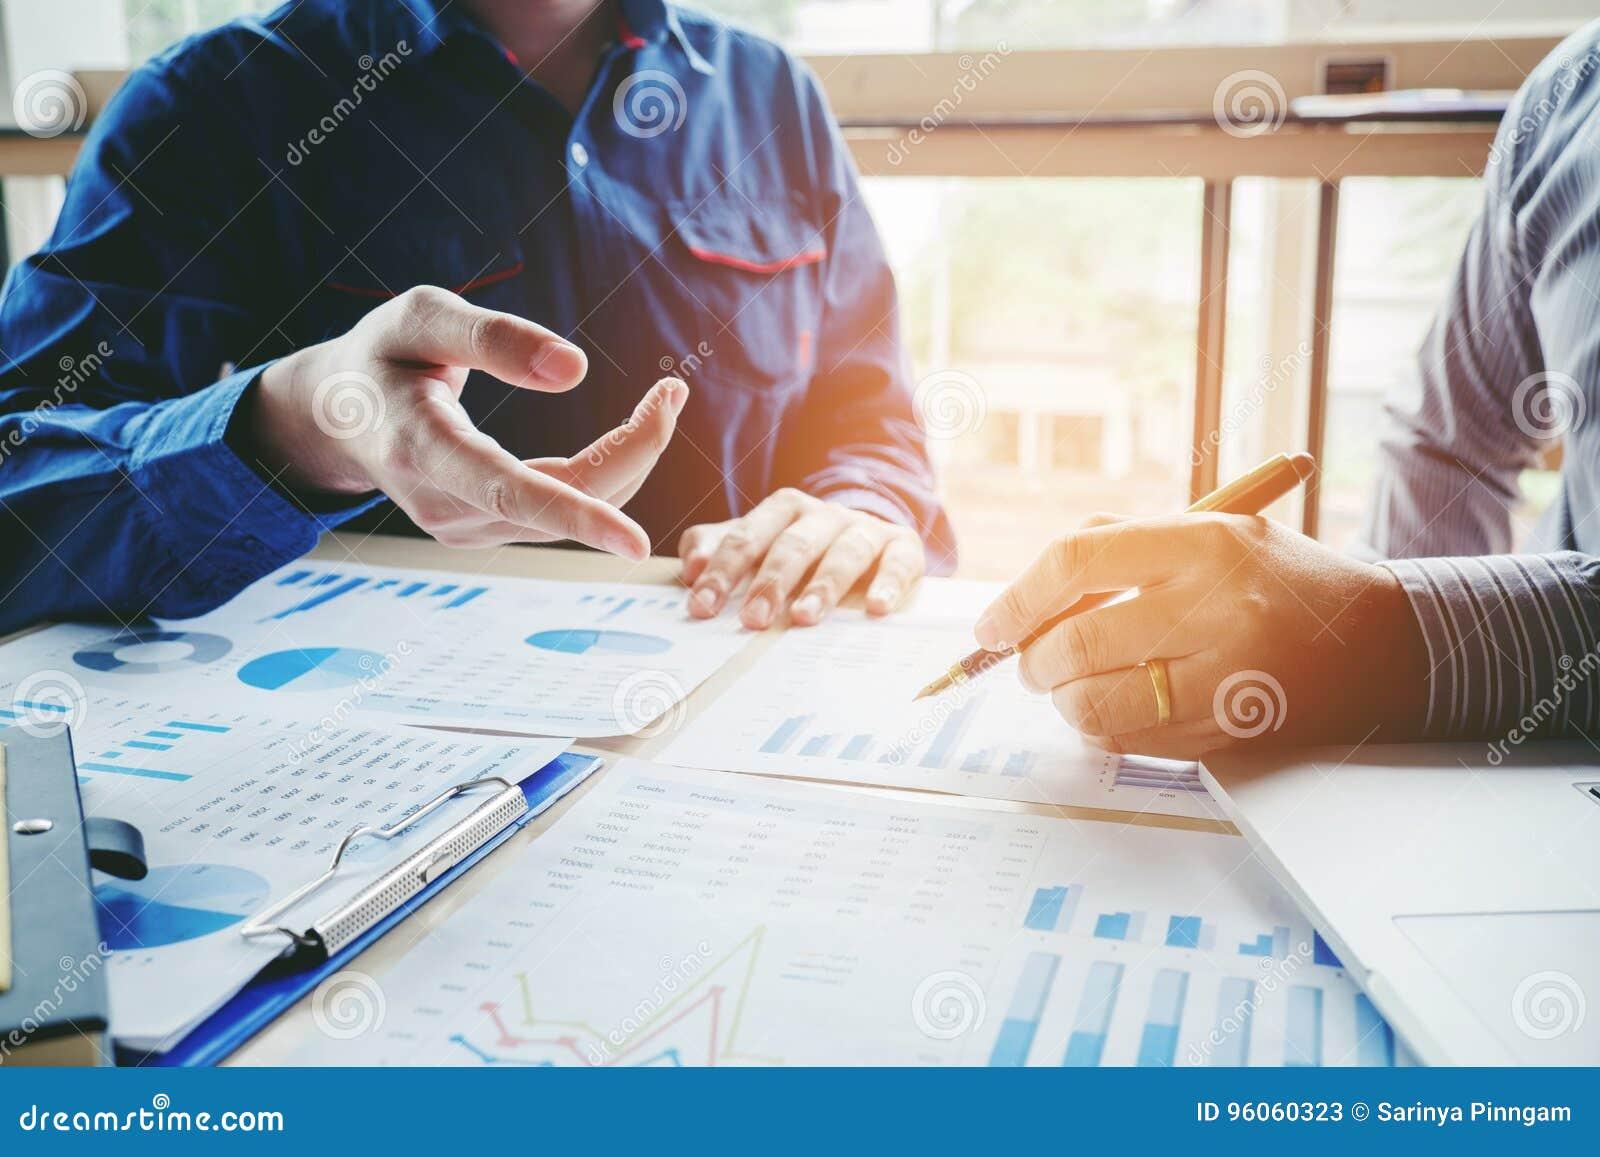 Gens d affaires rencontrant le concept d analyse de stratégie de planification